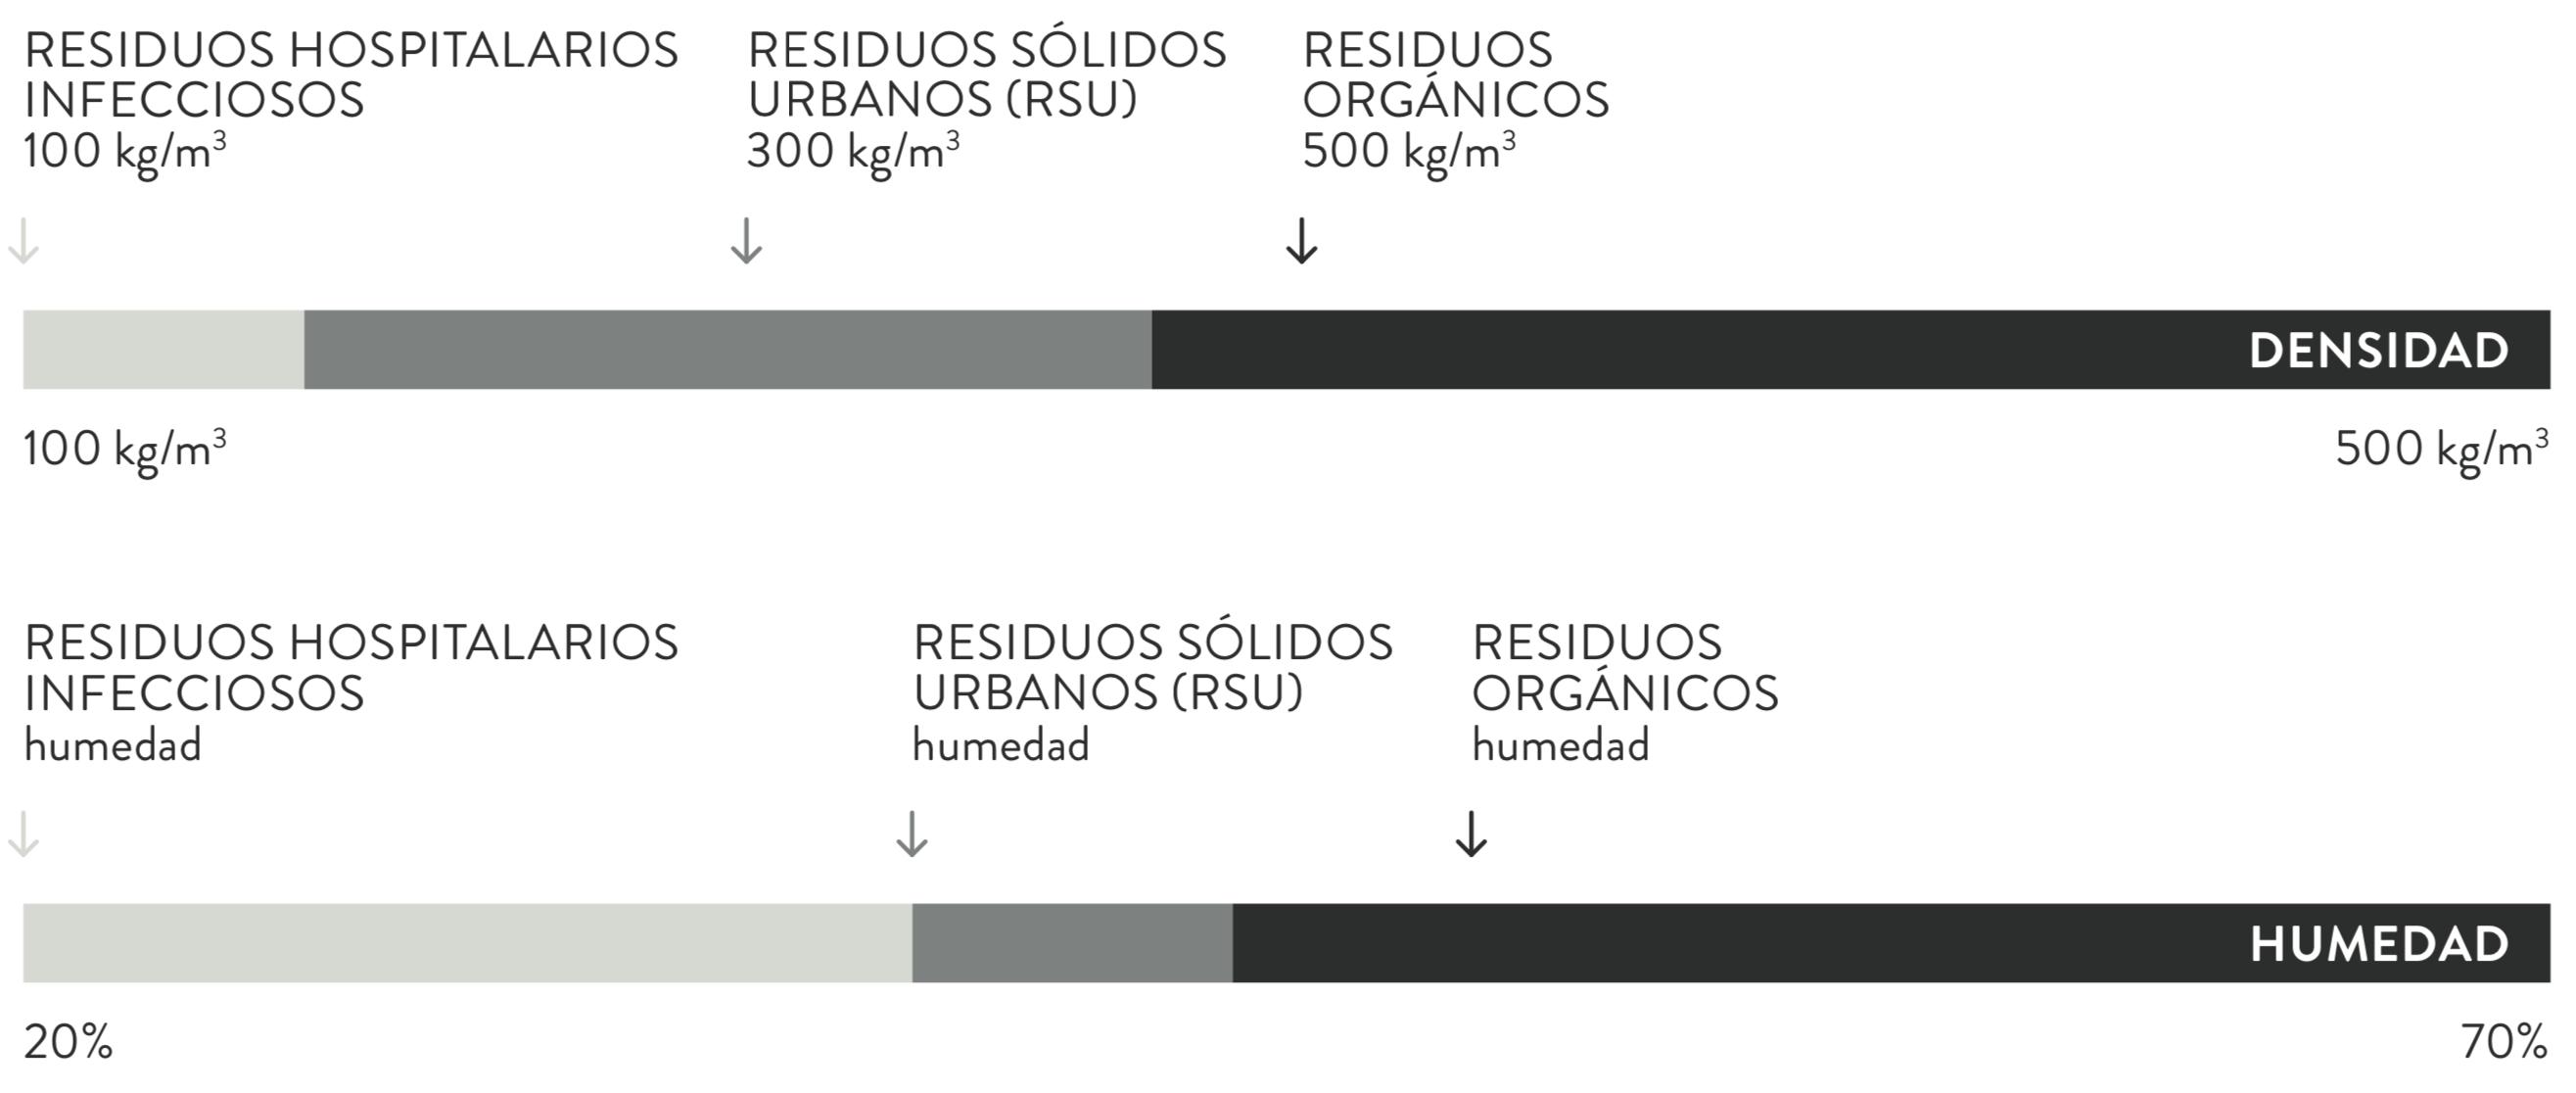 Parametros residuos